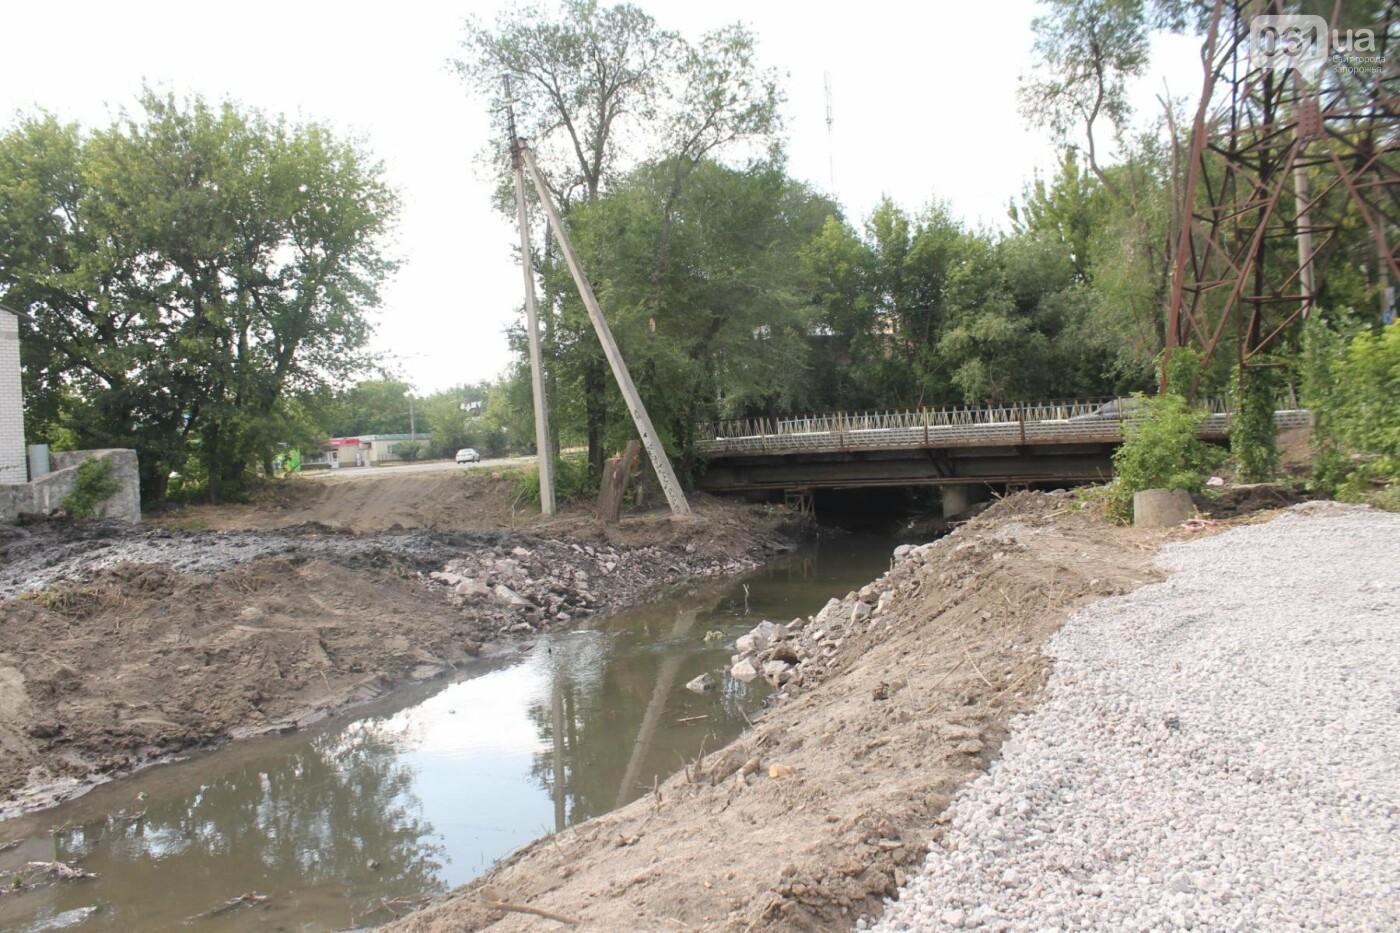 В Запорожье продолжается многомиллионная расчистка русла реки на Верхней Хортице, – ФОТОРЕПОРТАЖ, фото-4